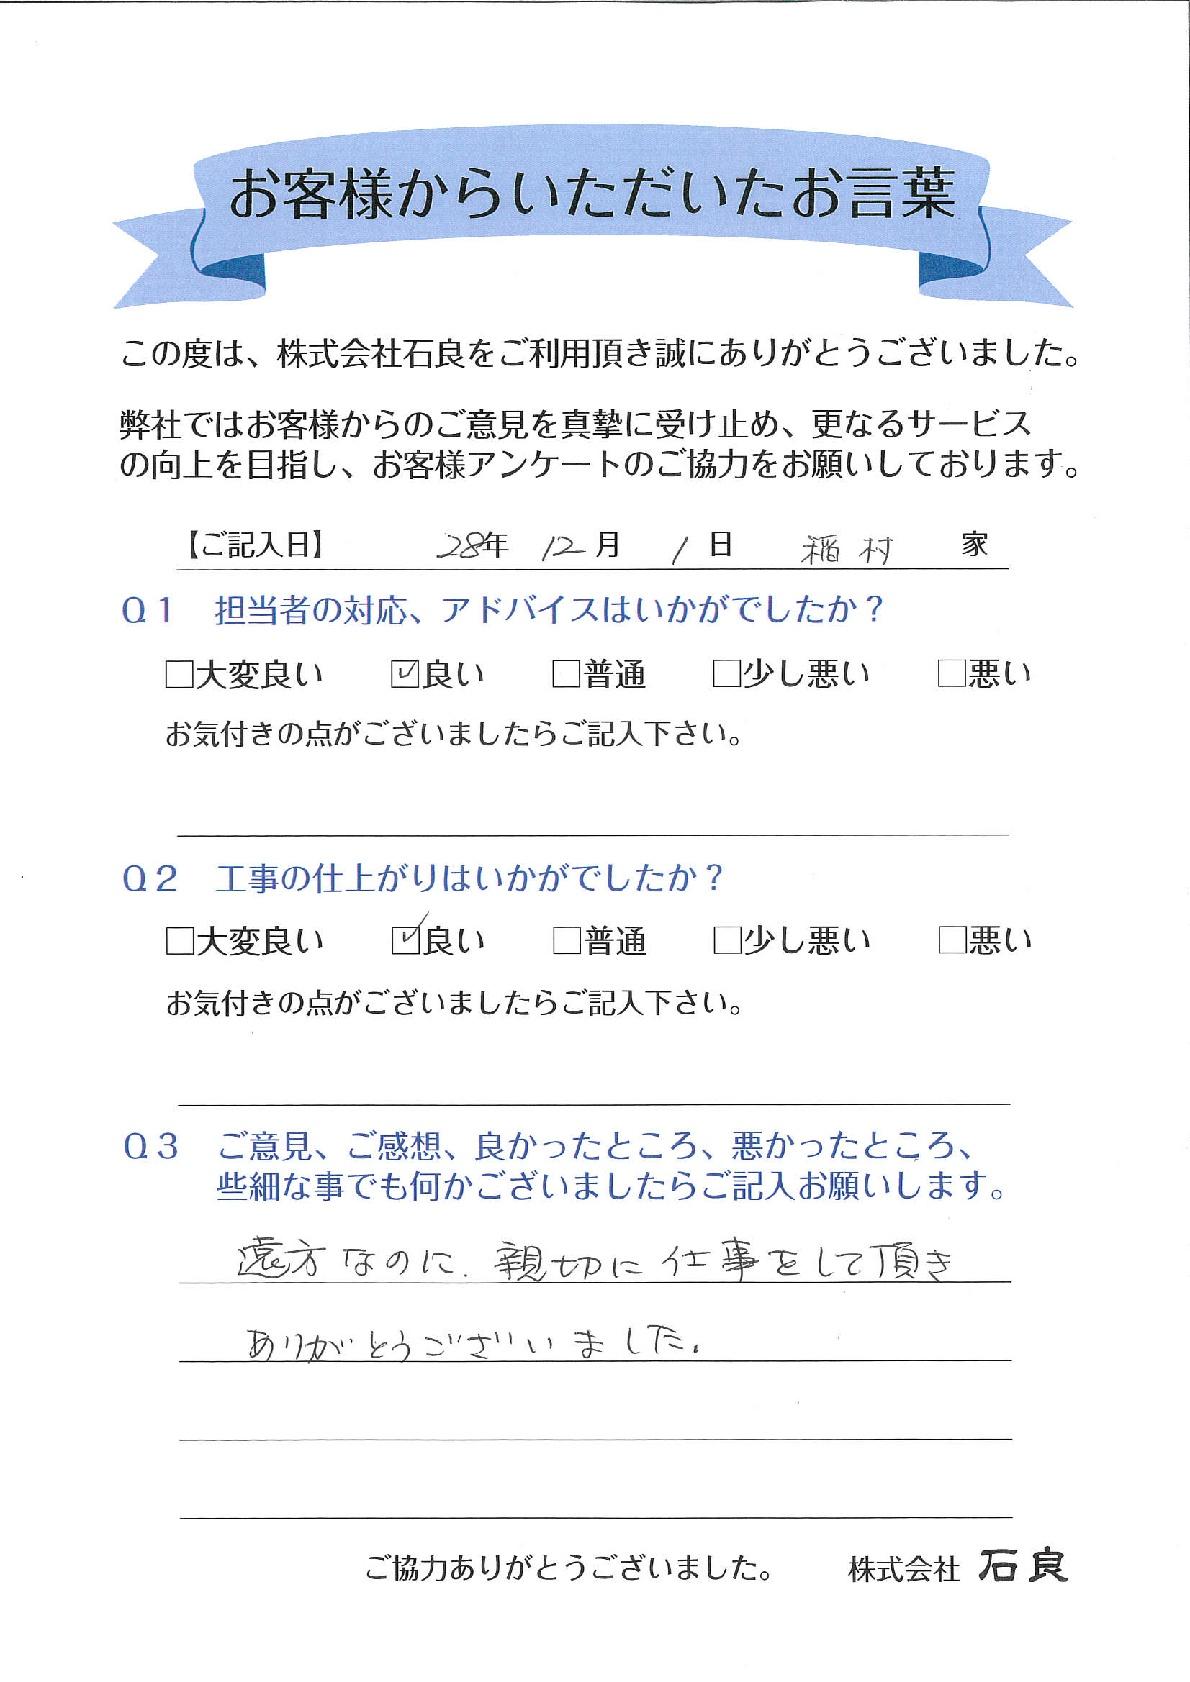 「東京都 稲村家」 親切に仕事をして頂きありがとうございました。